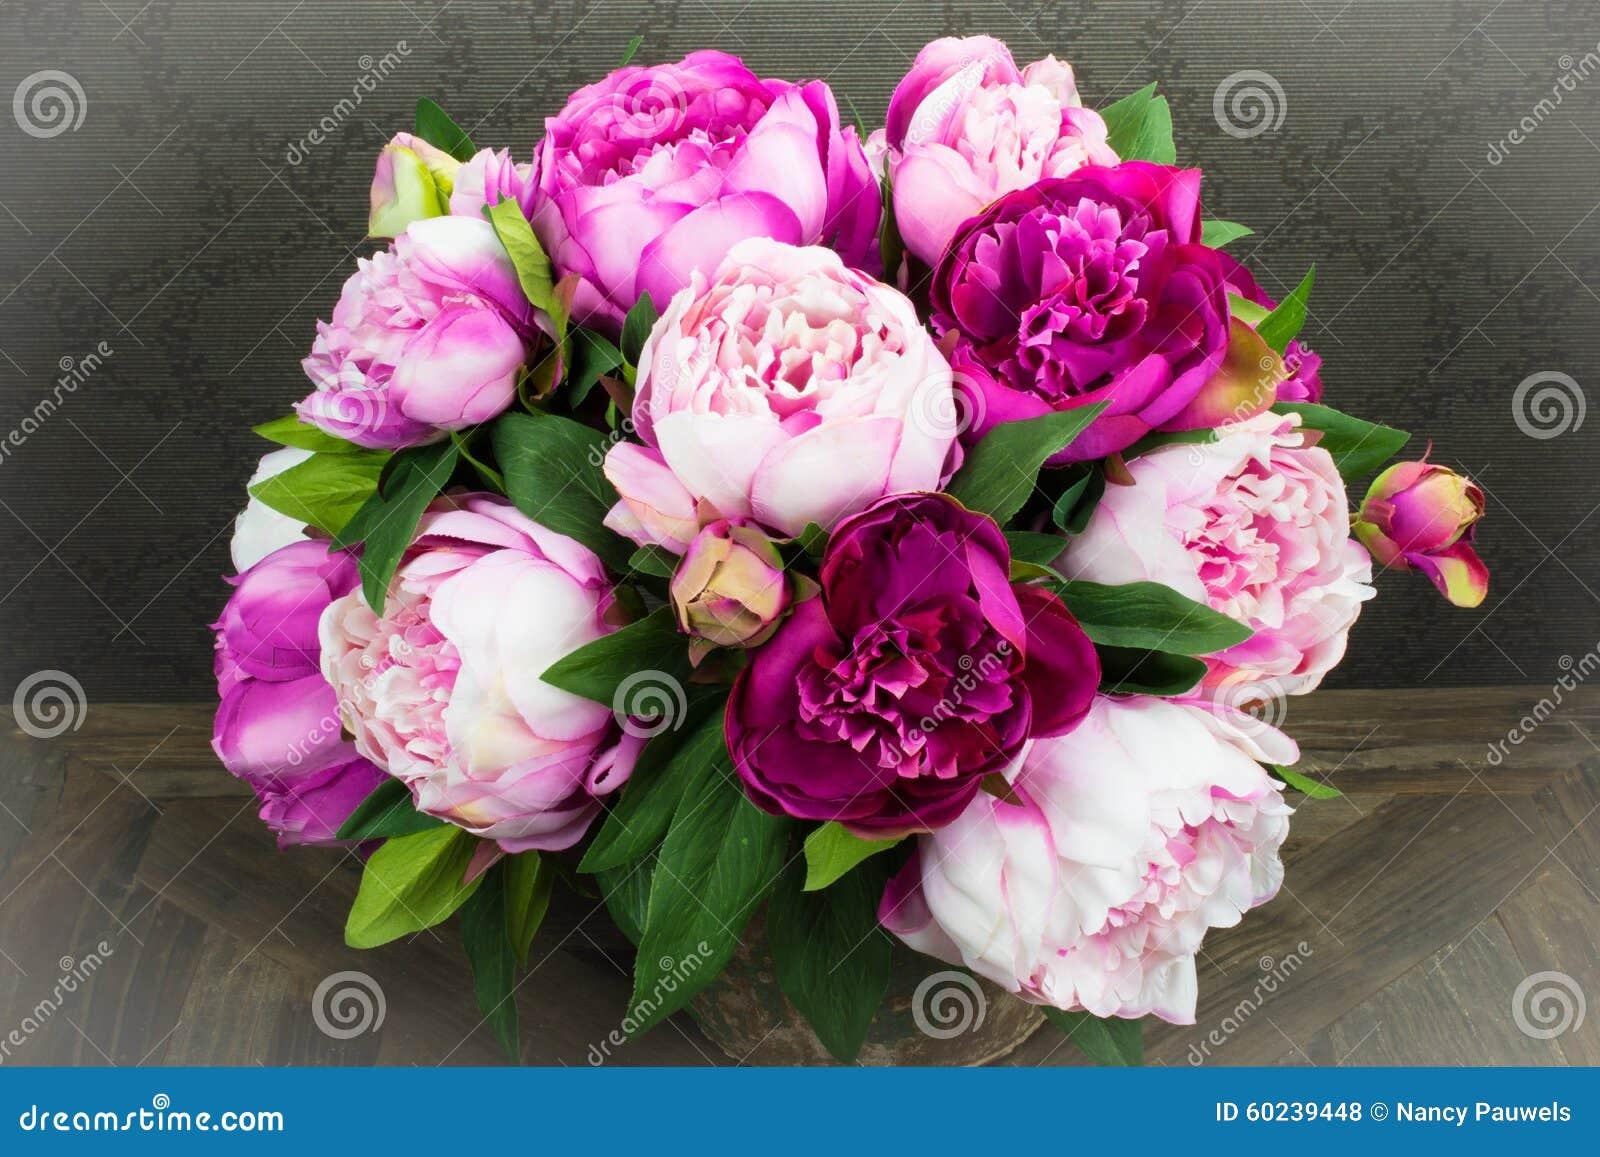 Roze Pioen Rose Flowers Bouquet in Vaas